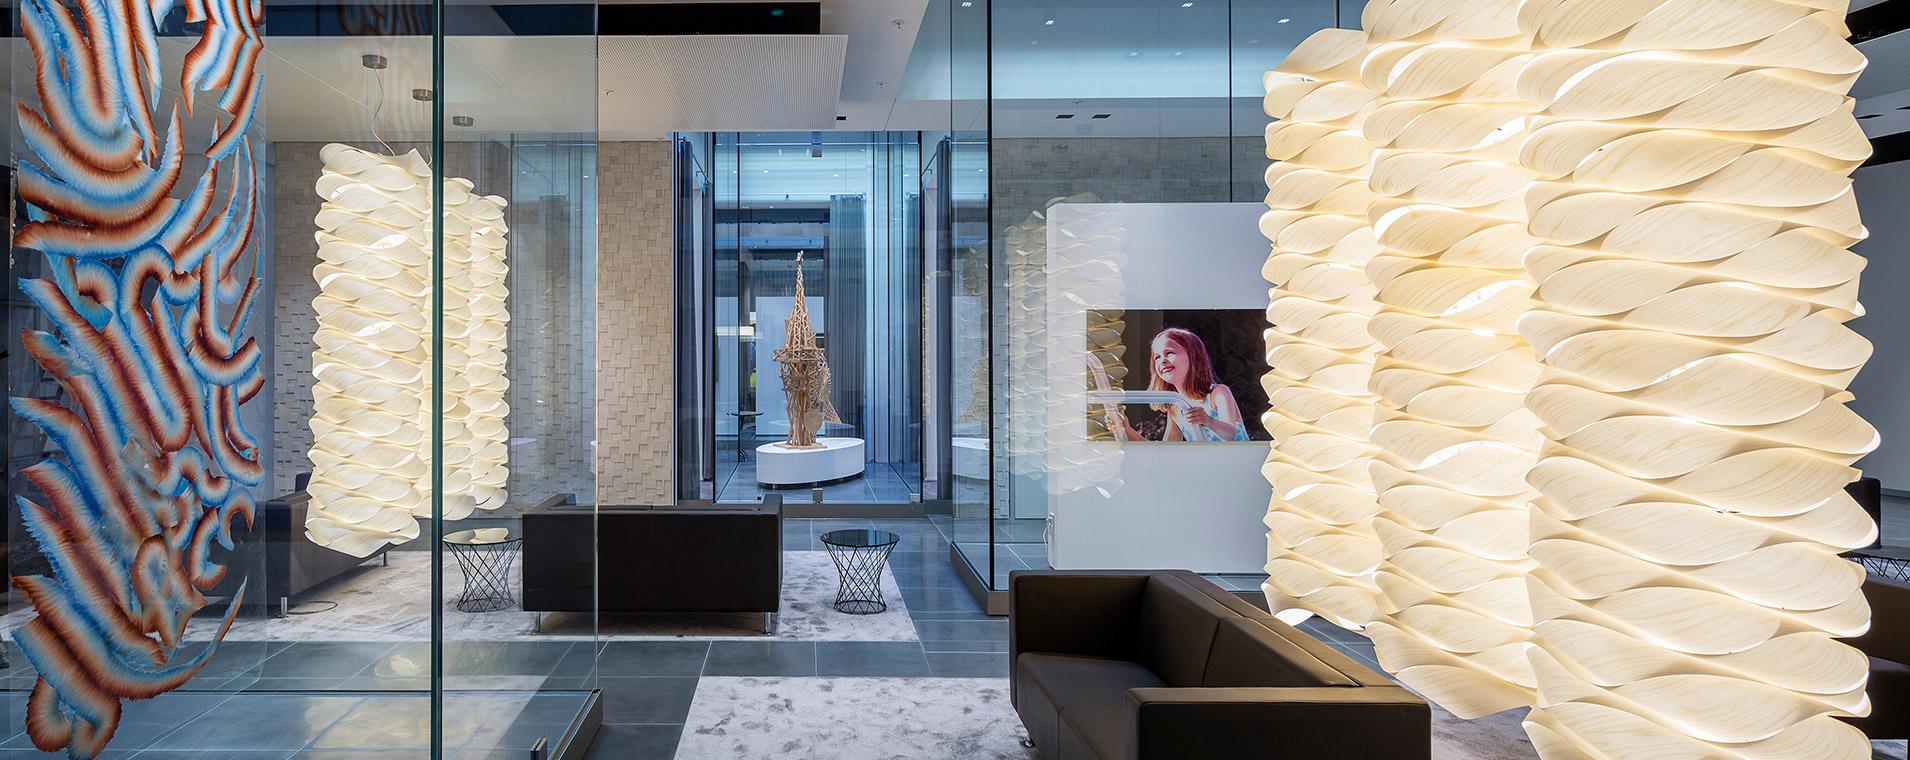 Bank Architektur Private Banking München